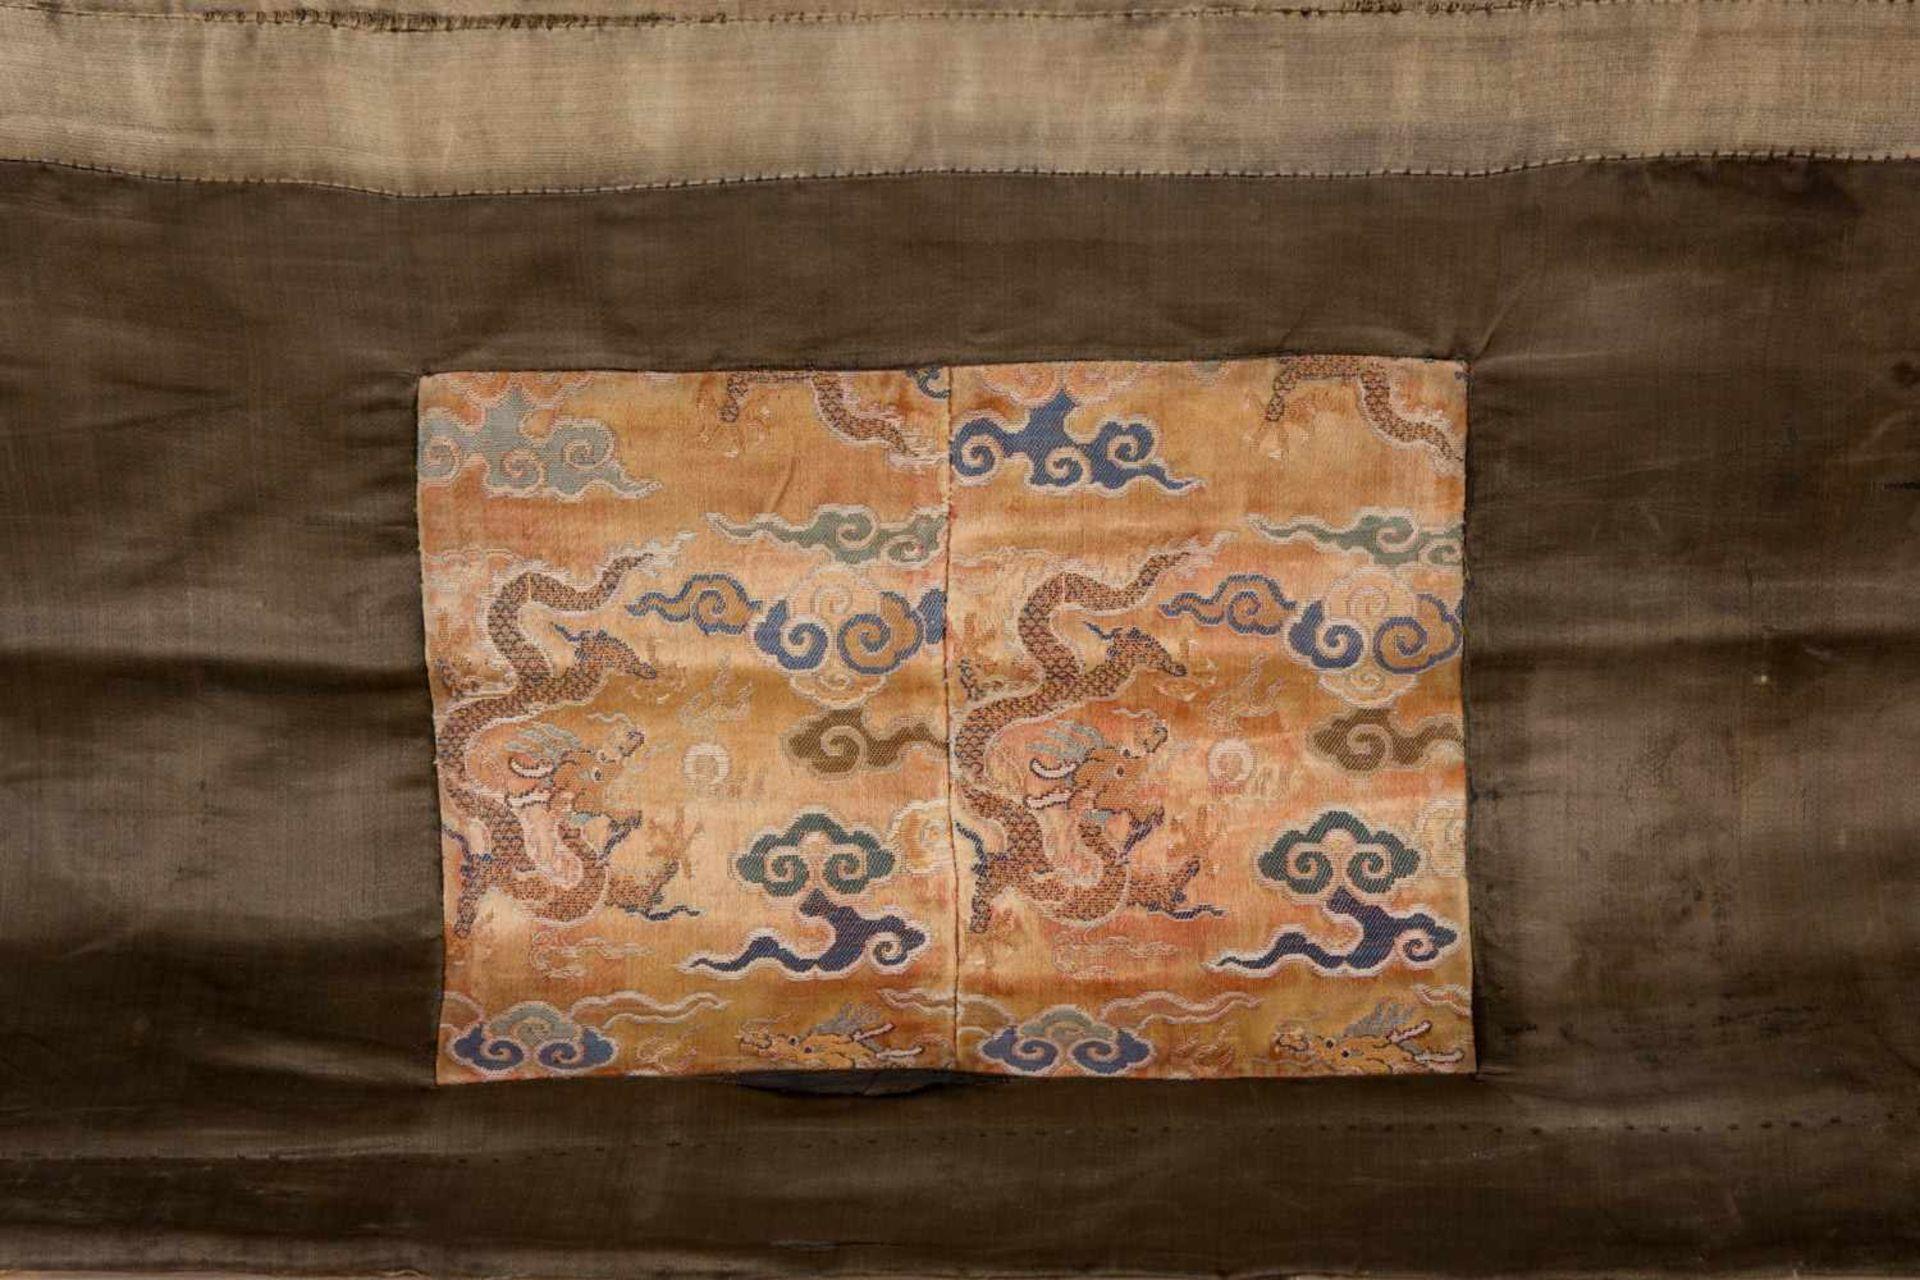 Los 31 - Antiker Serthang Thangka, Seide auf Leinen, Tibet um 1800 Seide auf Leinen, entstanden